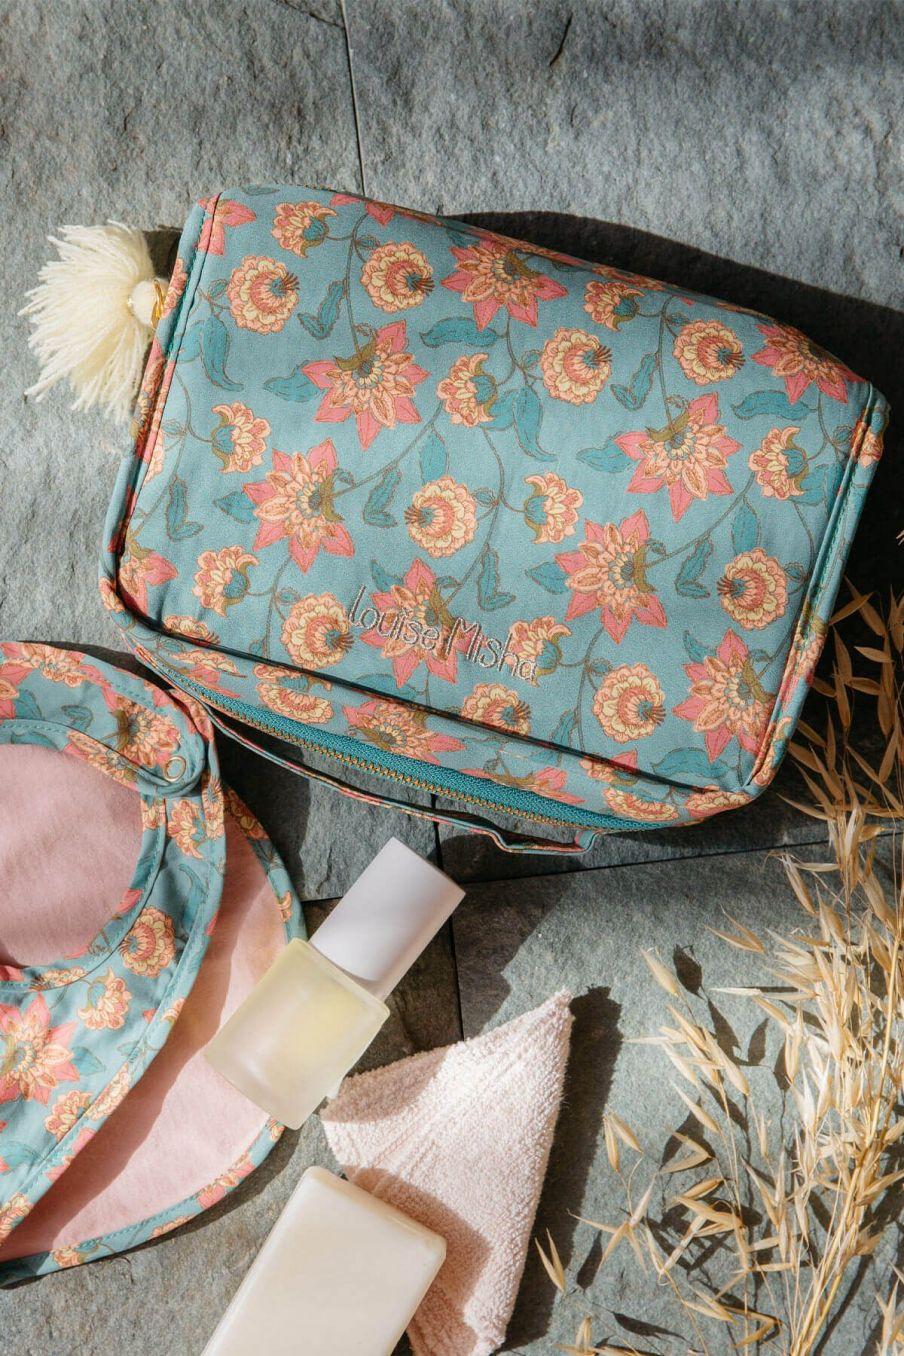 boheme chic vintage trousse de toilette maison joriska turquoise flowers